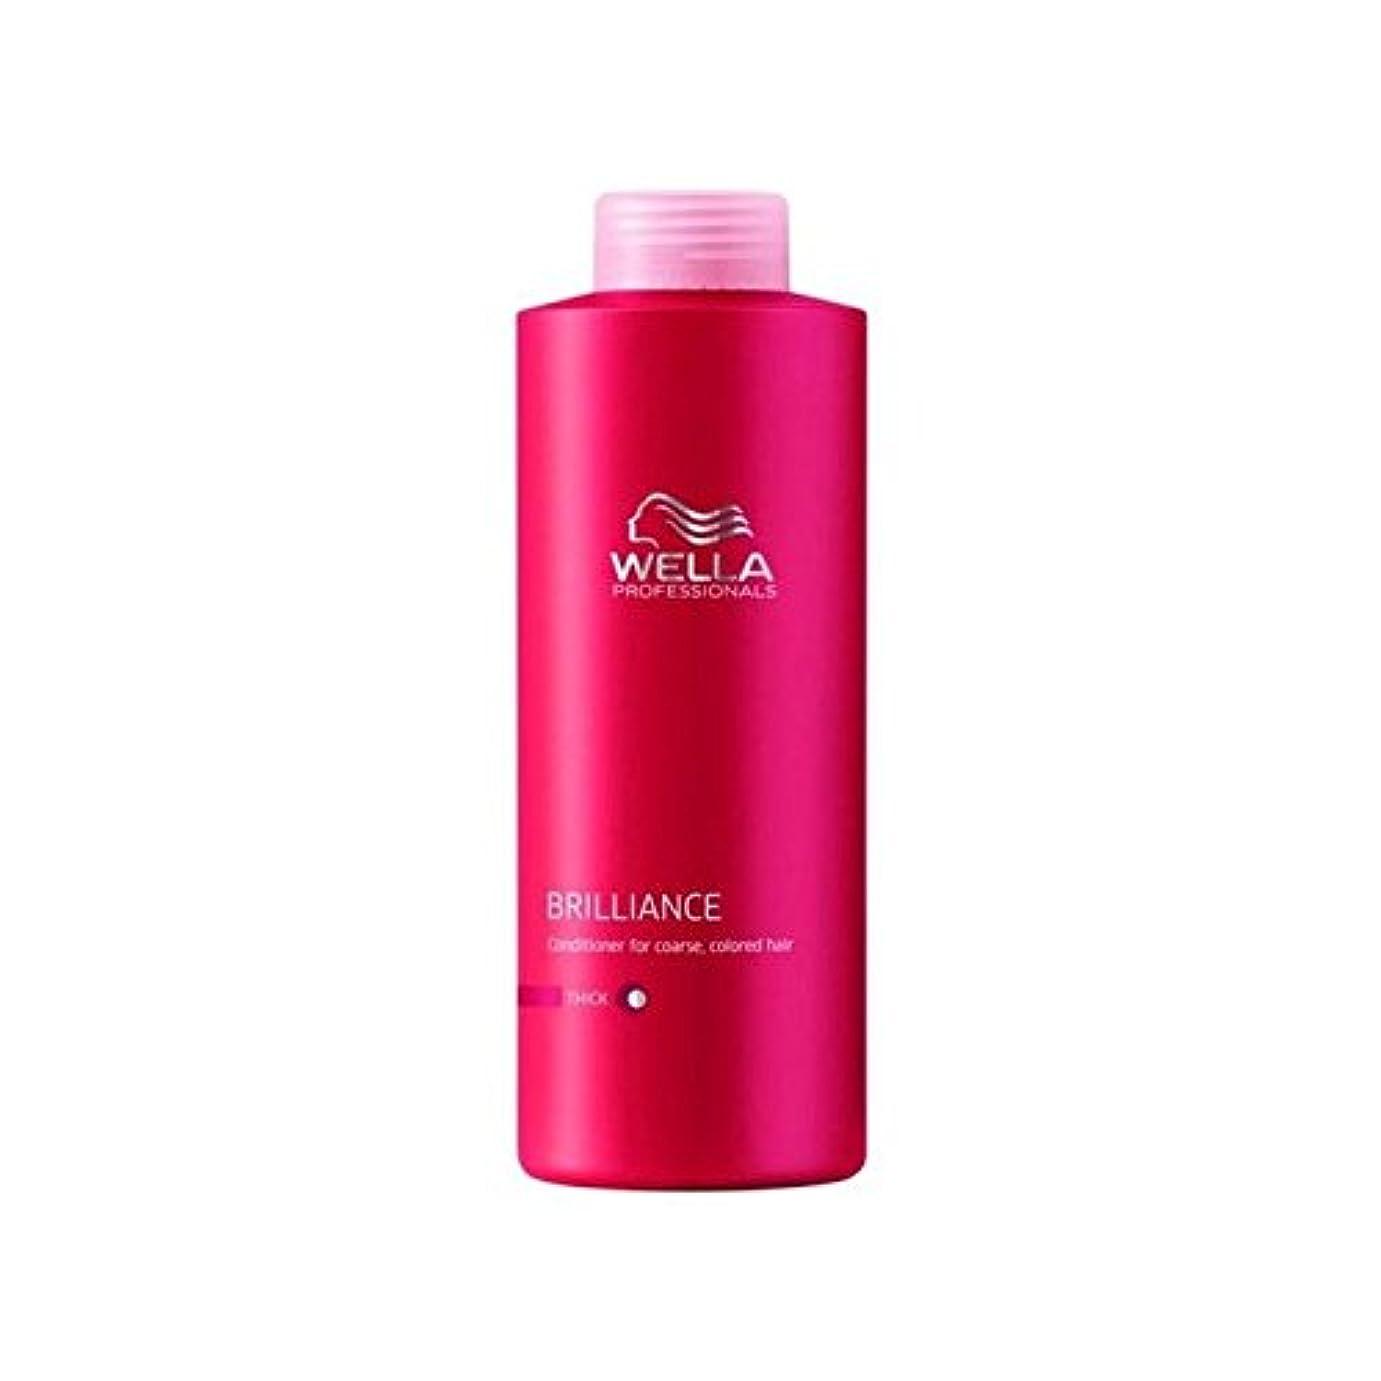 合意苦行スキームウェラの専門家は粗いコンディショナー(千ミリリットル)をブリリアンス x2 - Wella Professionals Brilliance Coarse Conditioner (1000ml) (Pack of 2)...